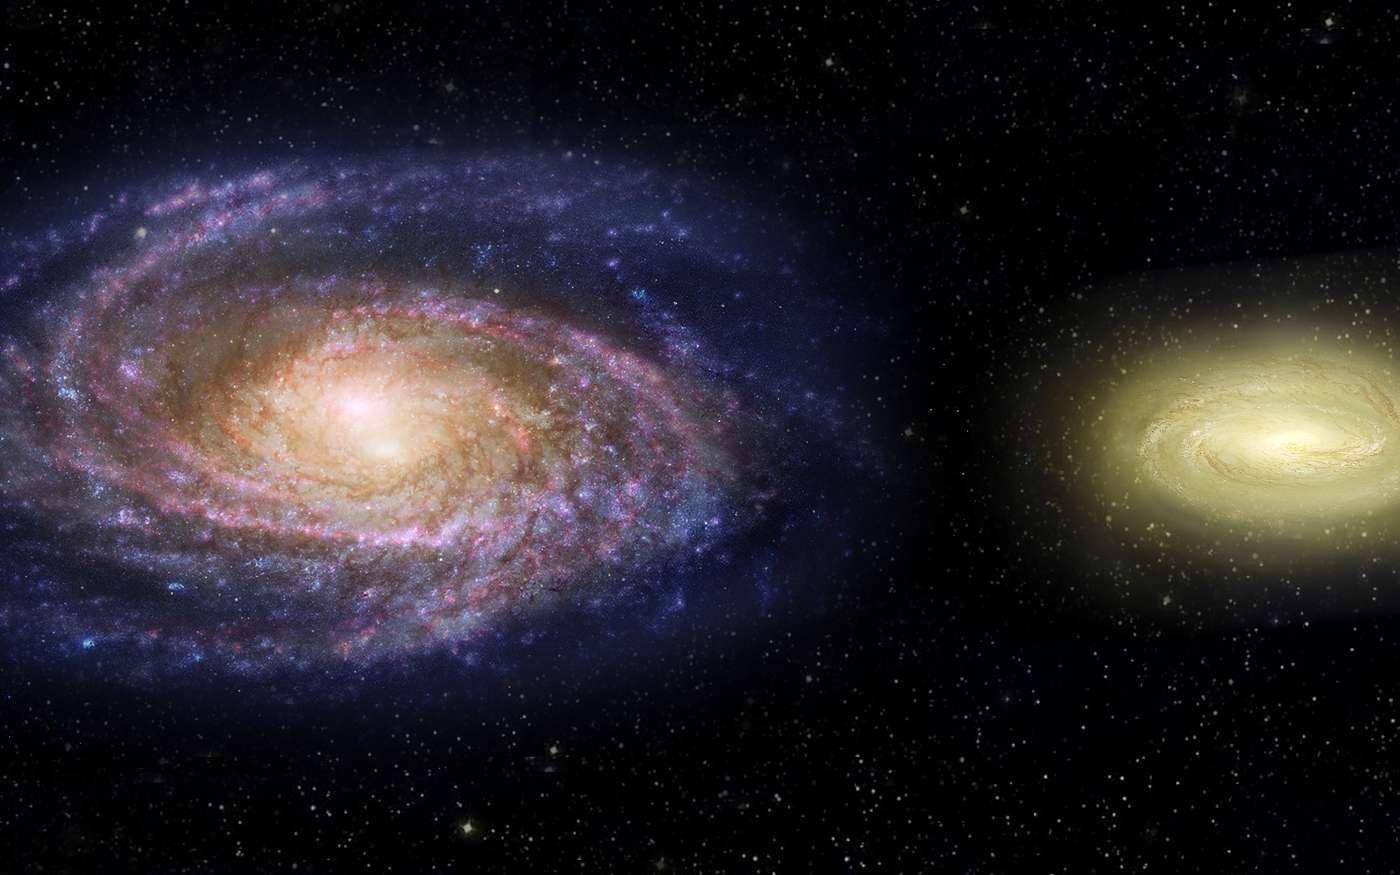 Sur cette vue d'artiste, la Voie lactée est comparée à MACS2129-1 qui, bien que deux fois plus petite, contiendrait trois fois plus de masse. Étrangement, MACS2129-1 n'est plus un lieu de formation de jeunes étoiles bleues. © Nasa, ESA, Z. Levy STScI